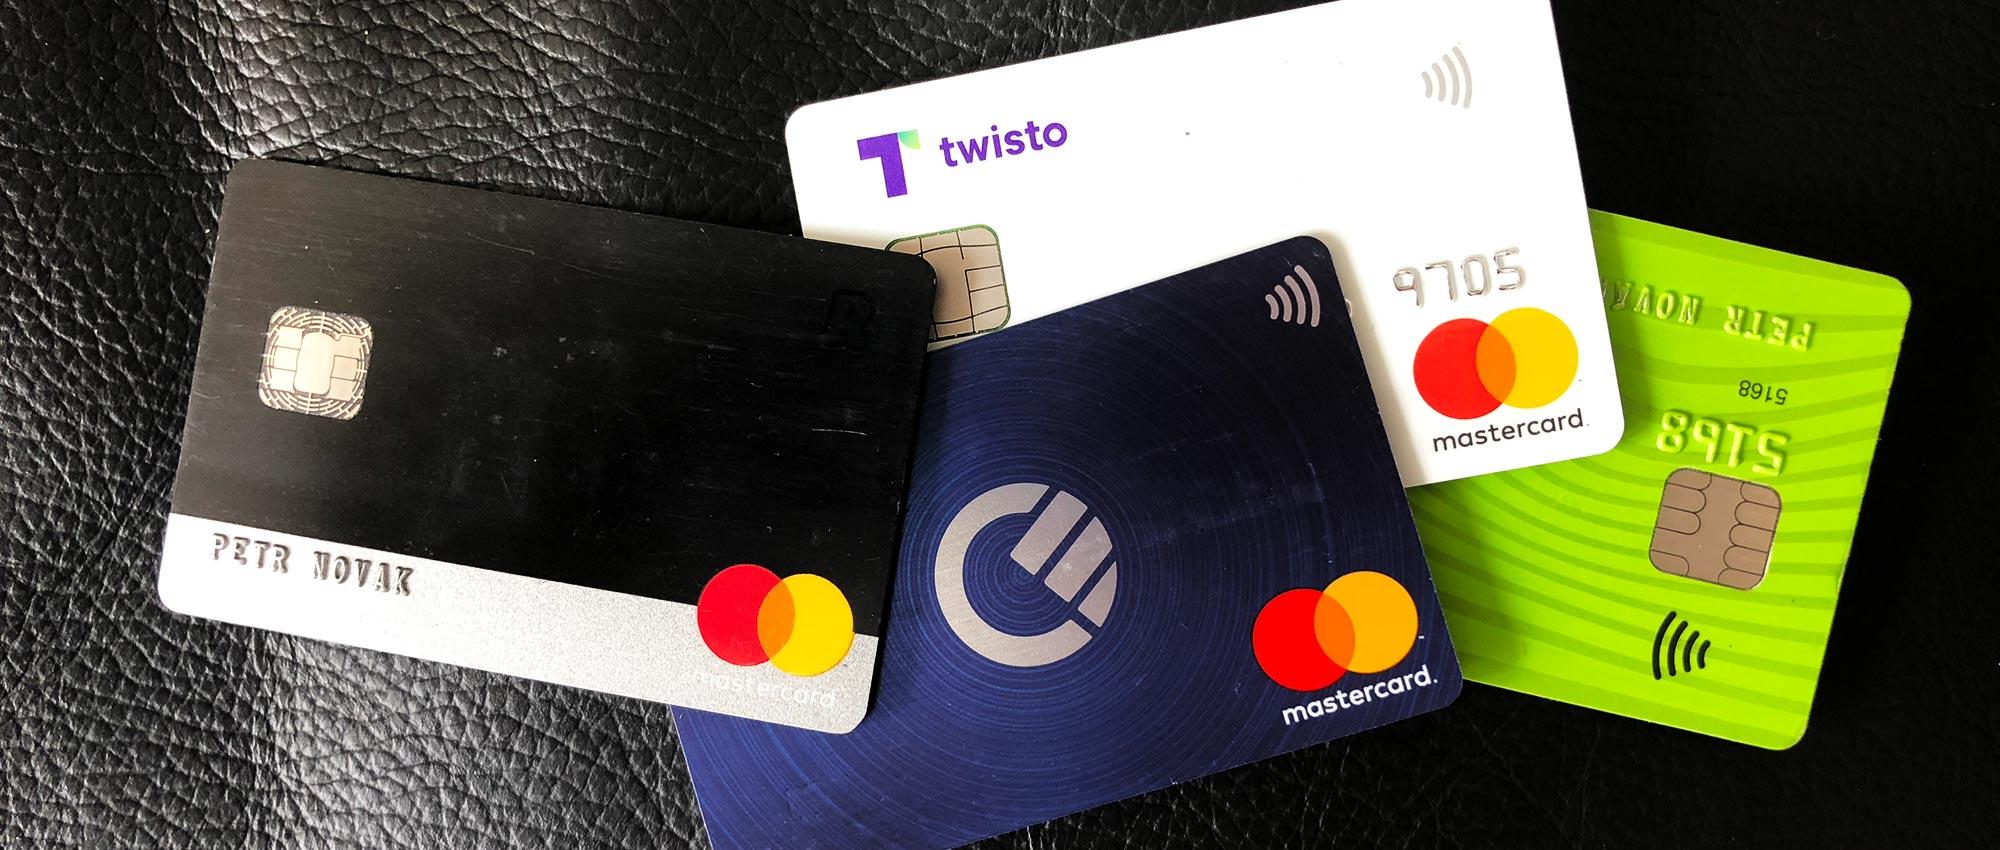 <b>Platební karty na cestách a jak z nich vytěžit co nejvíc</b>